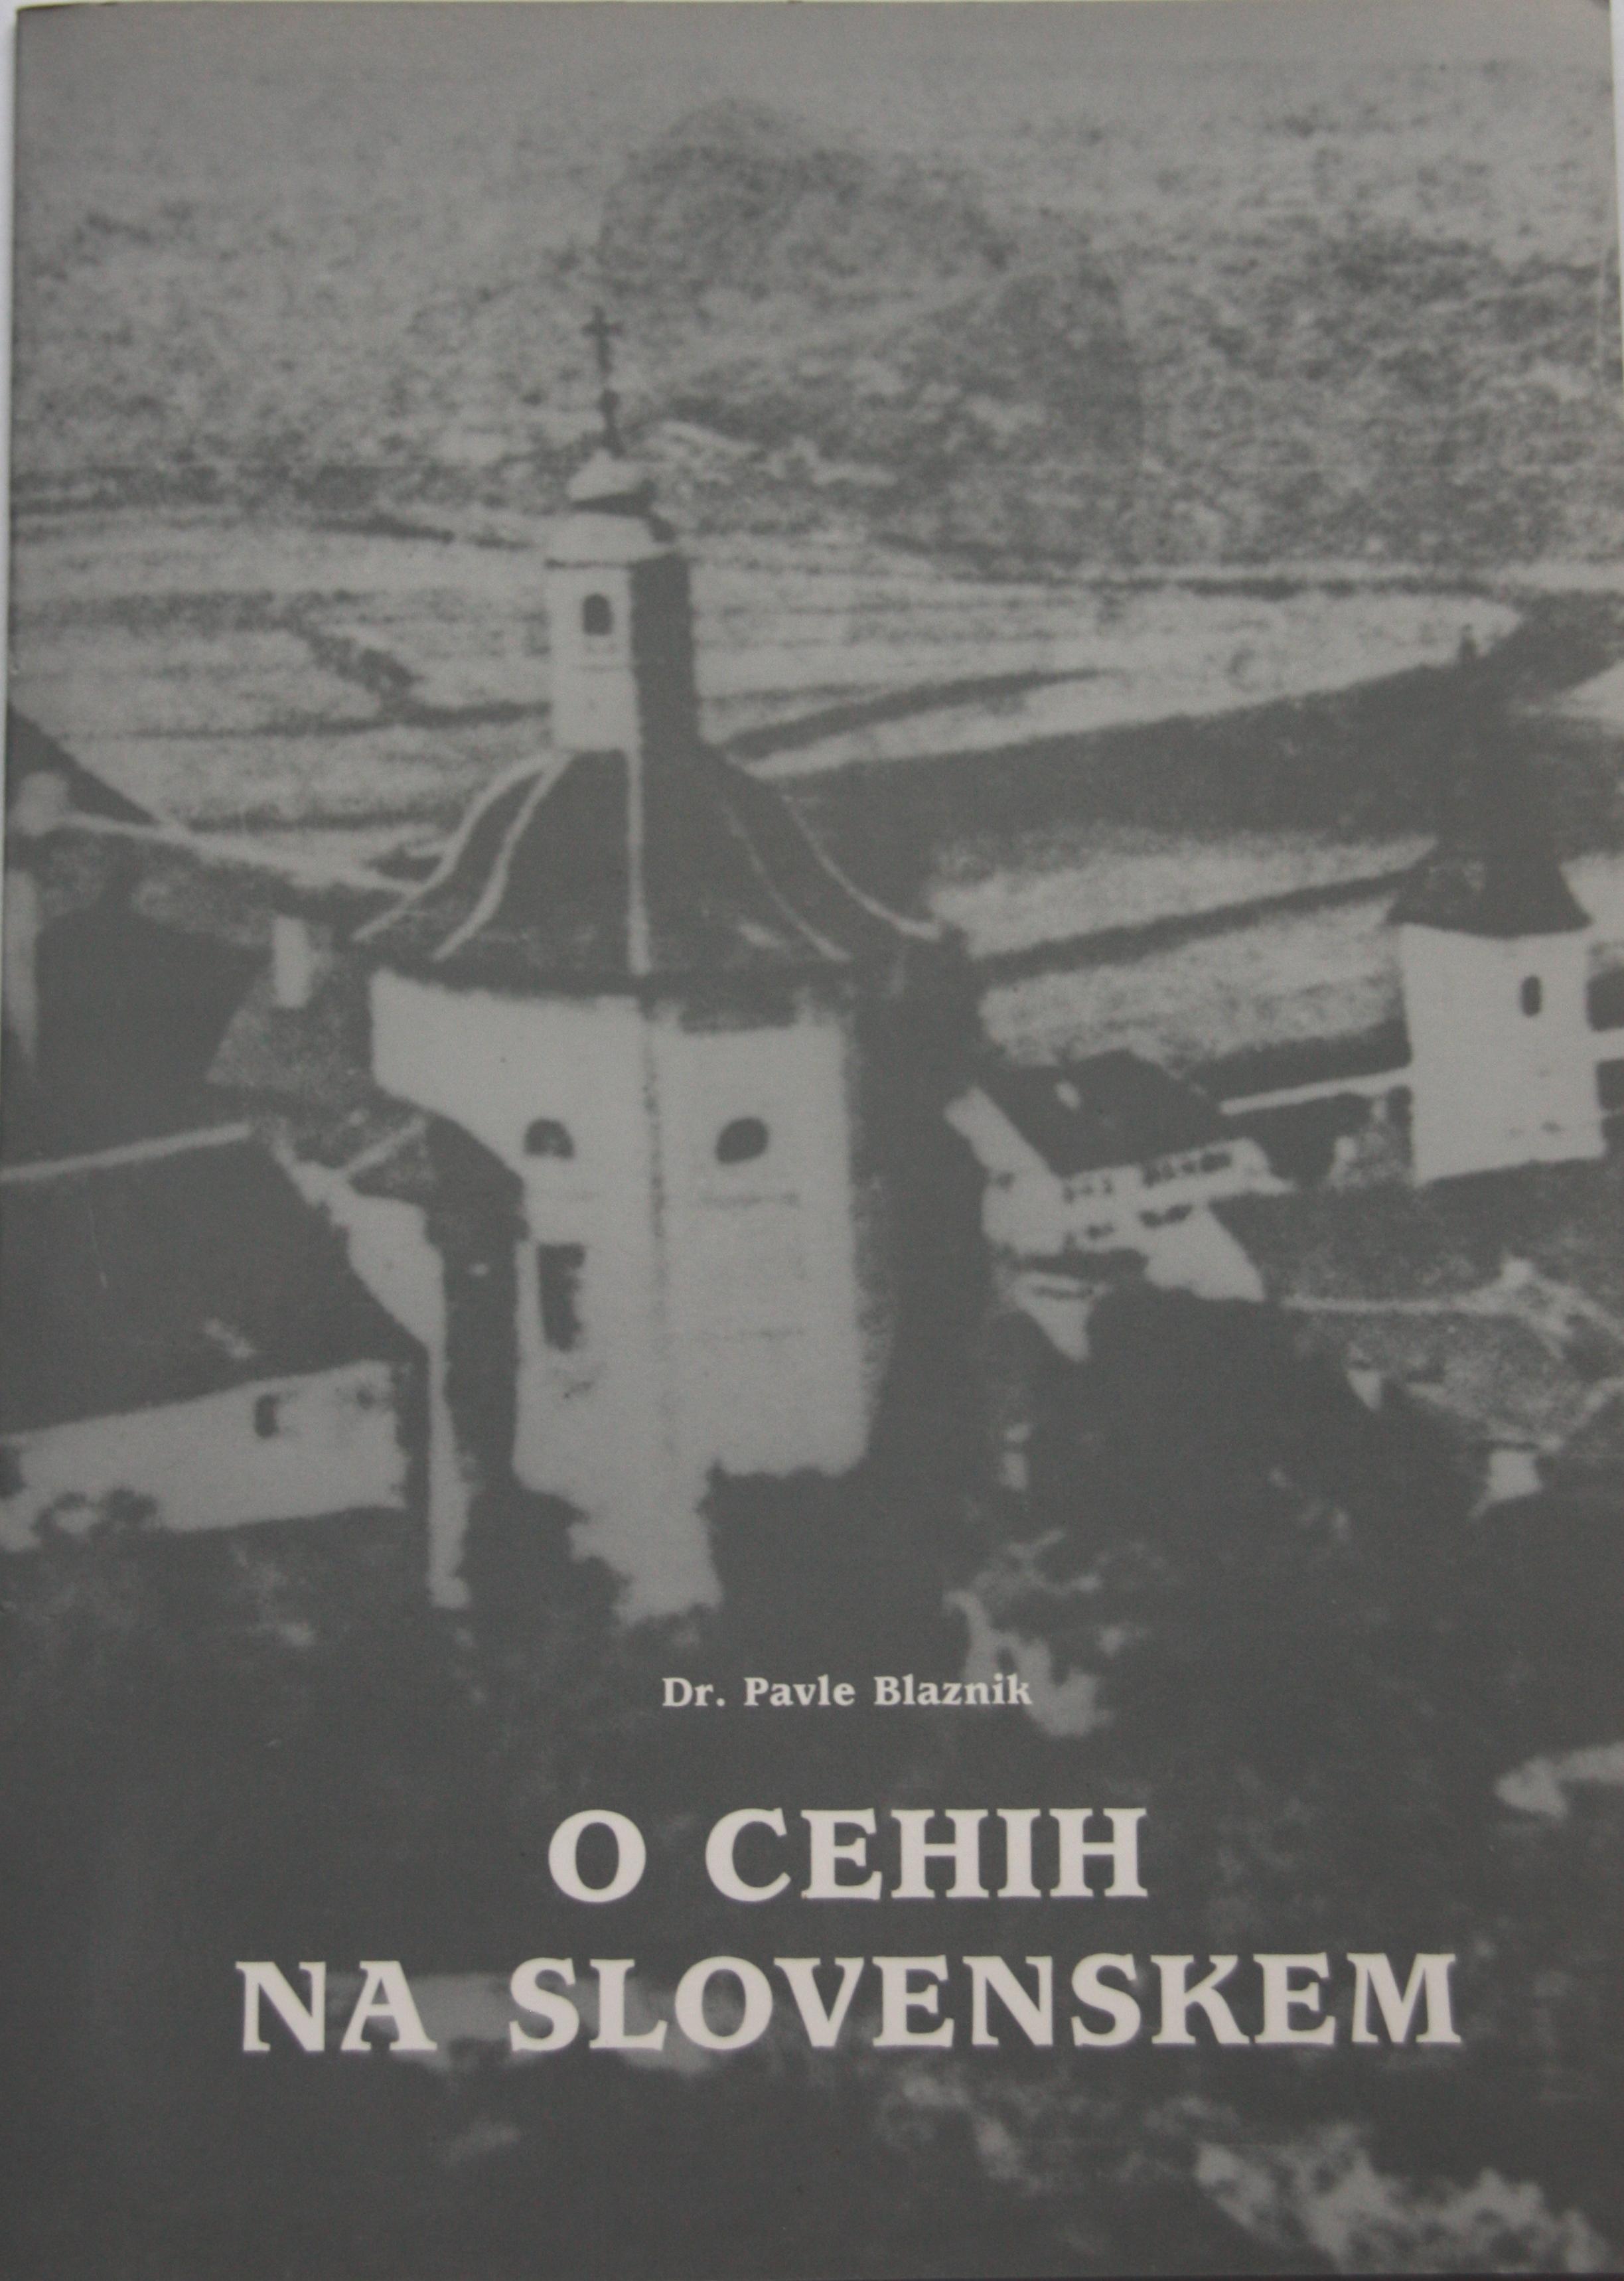 O CEHIH NA SLOVENSKEM Book Cover